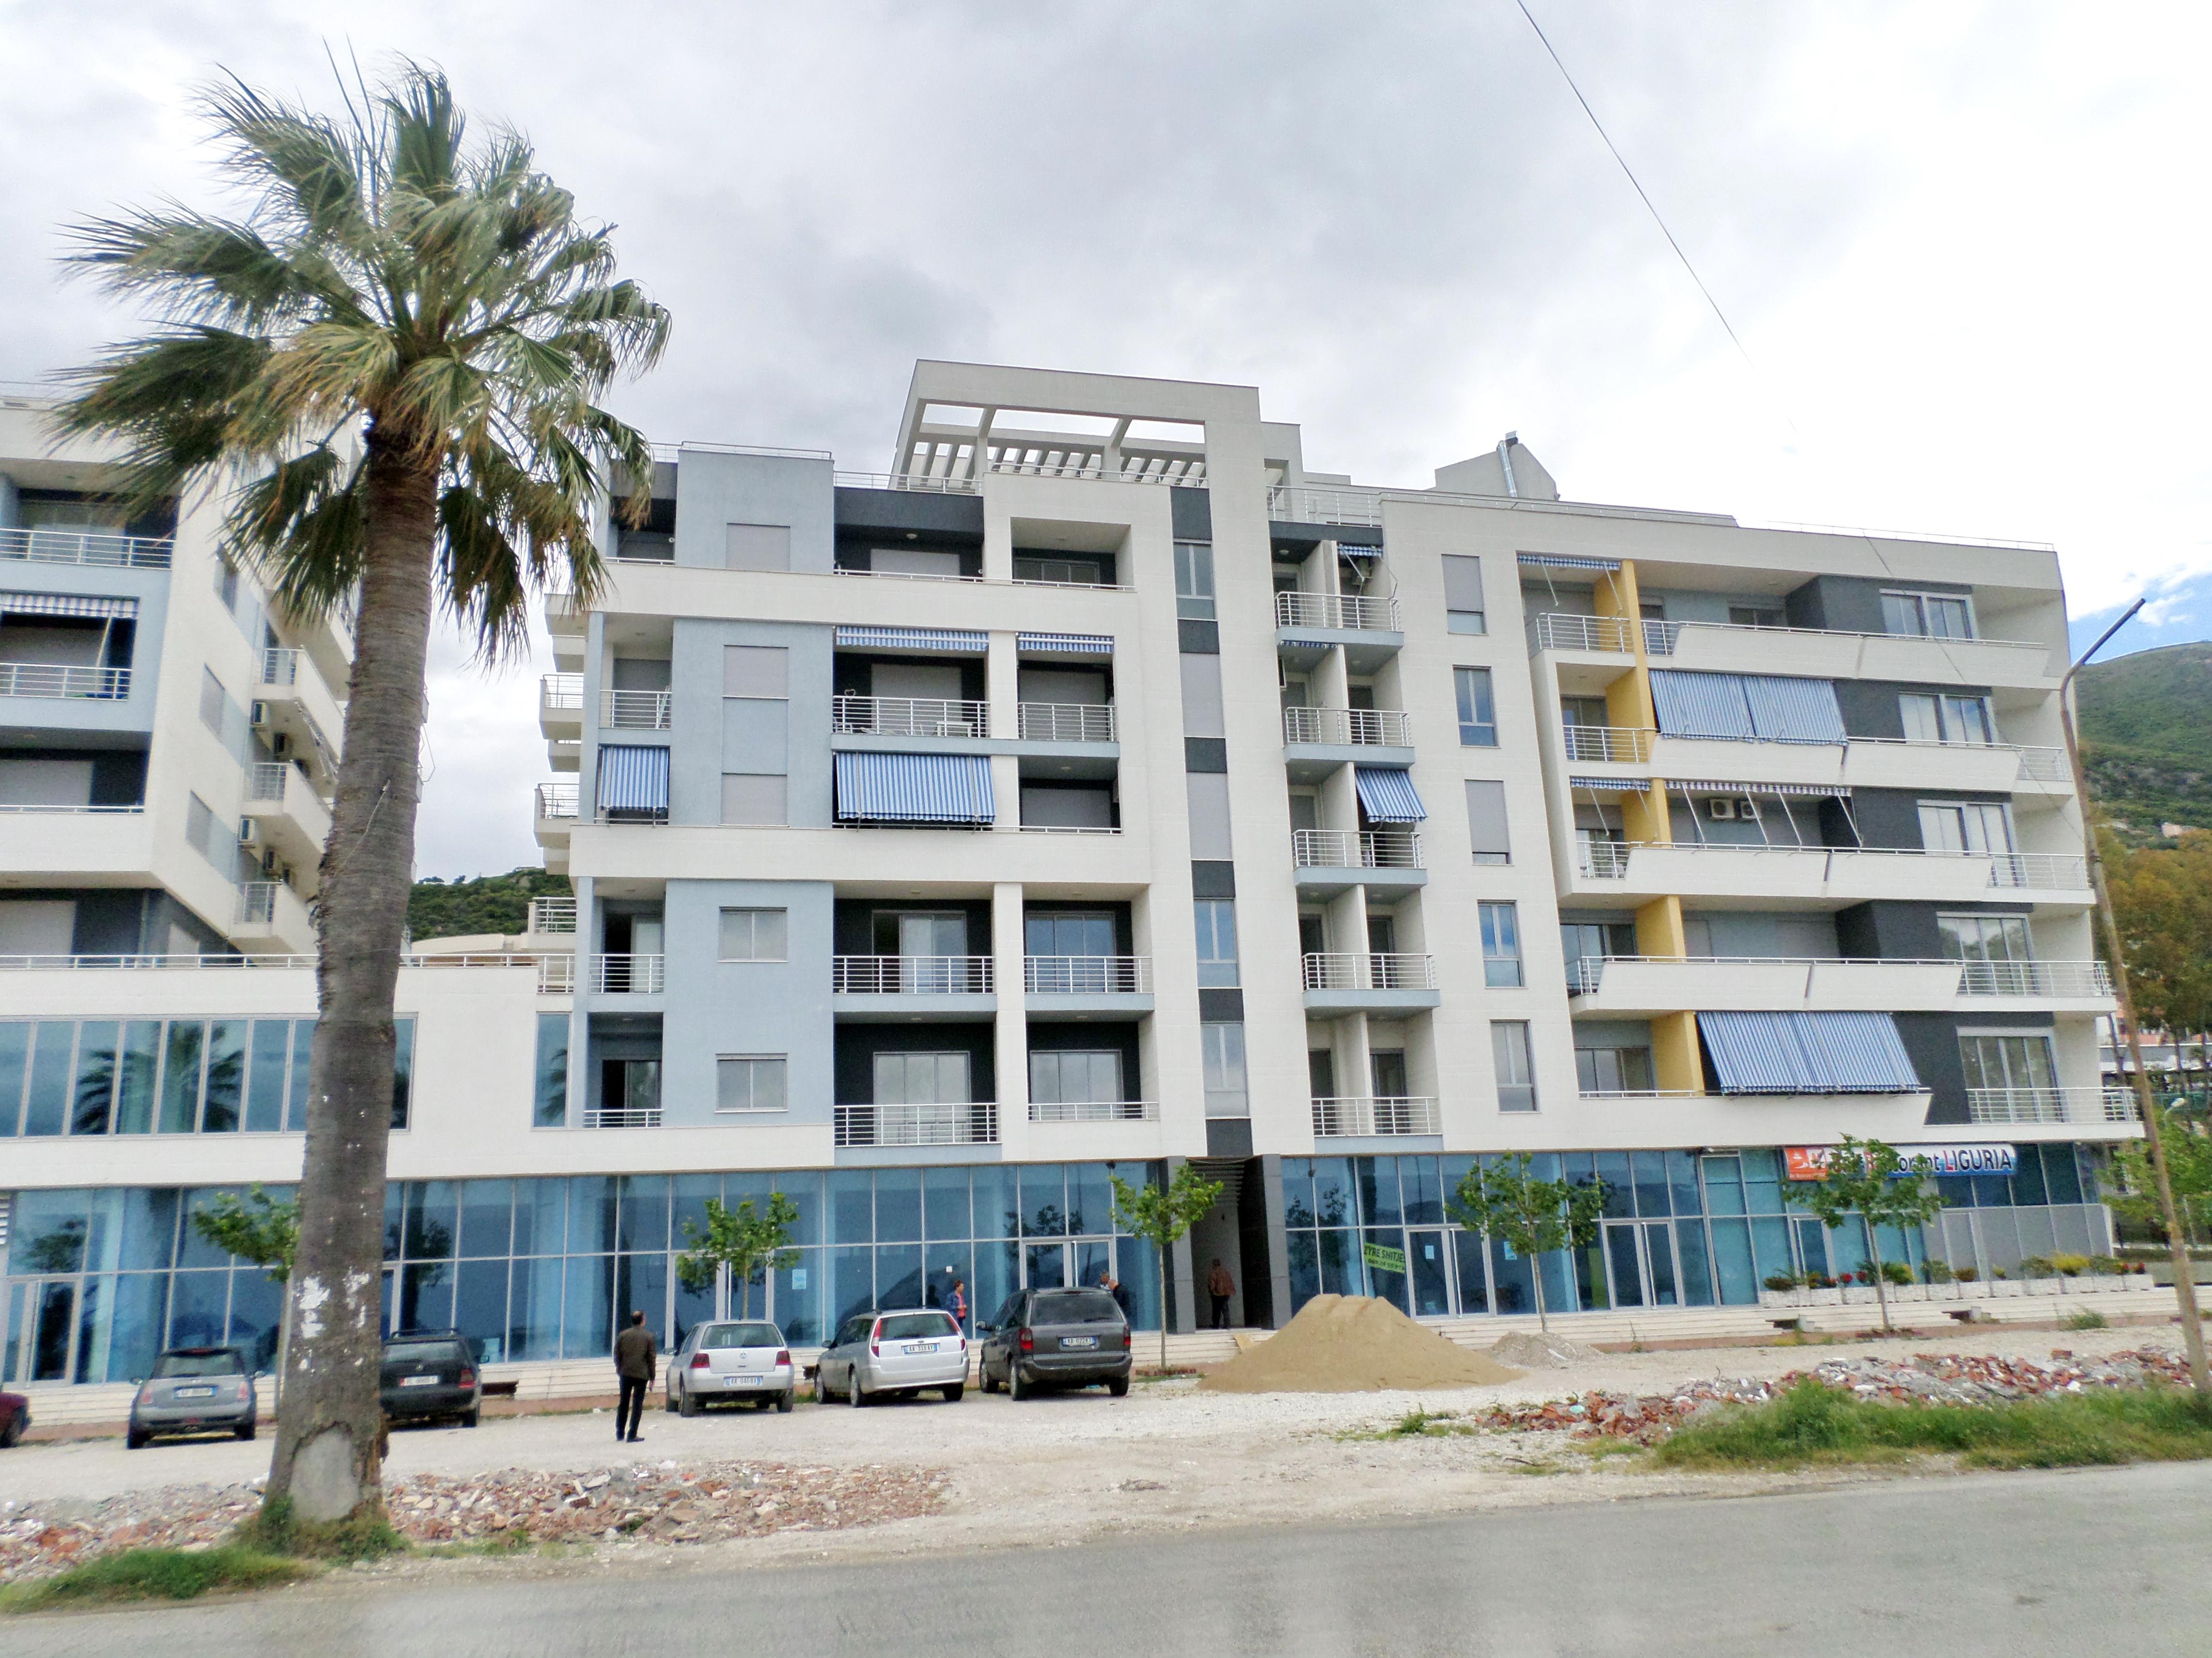 Апартаменты на новой Набережной во Влёре,100м2